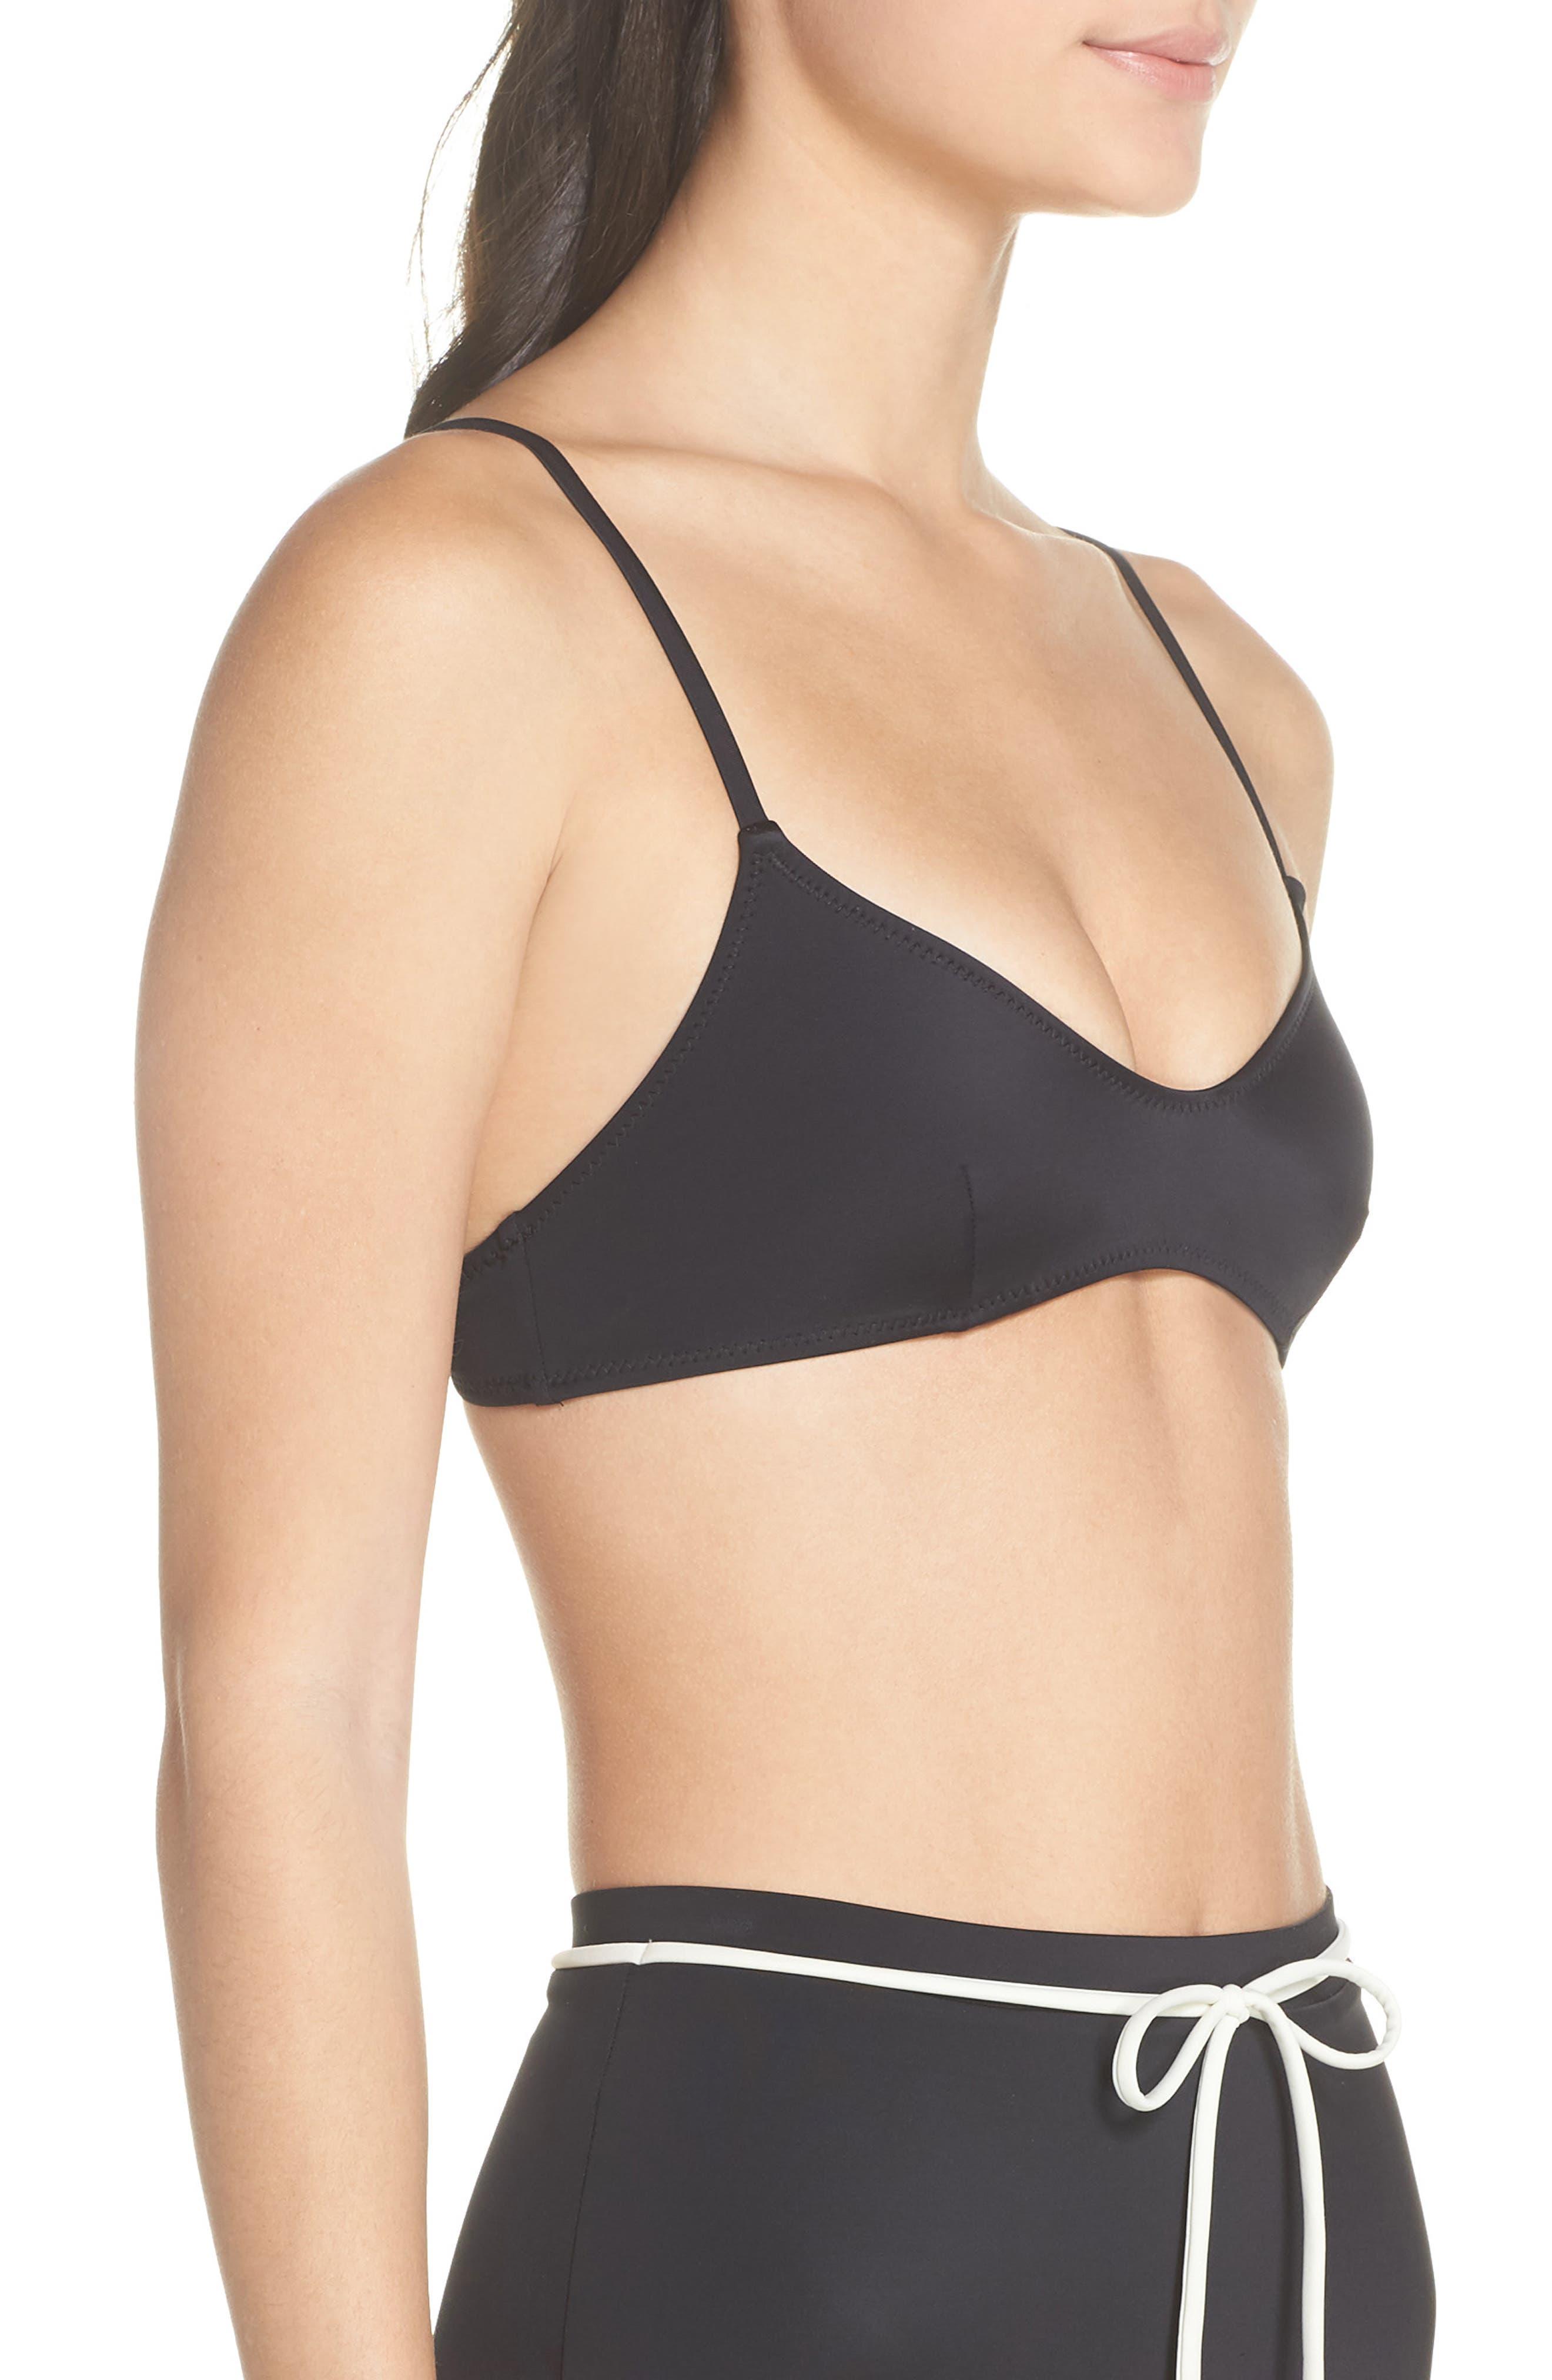 Cora Bikini Top,                             Alternate thumbnail 3, color,                             BLACK